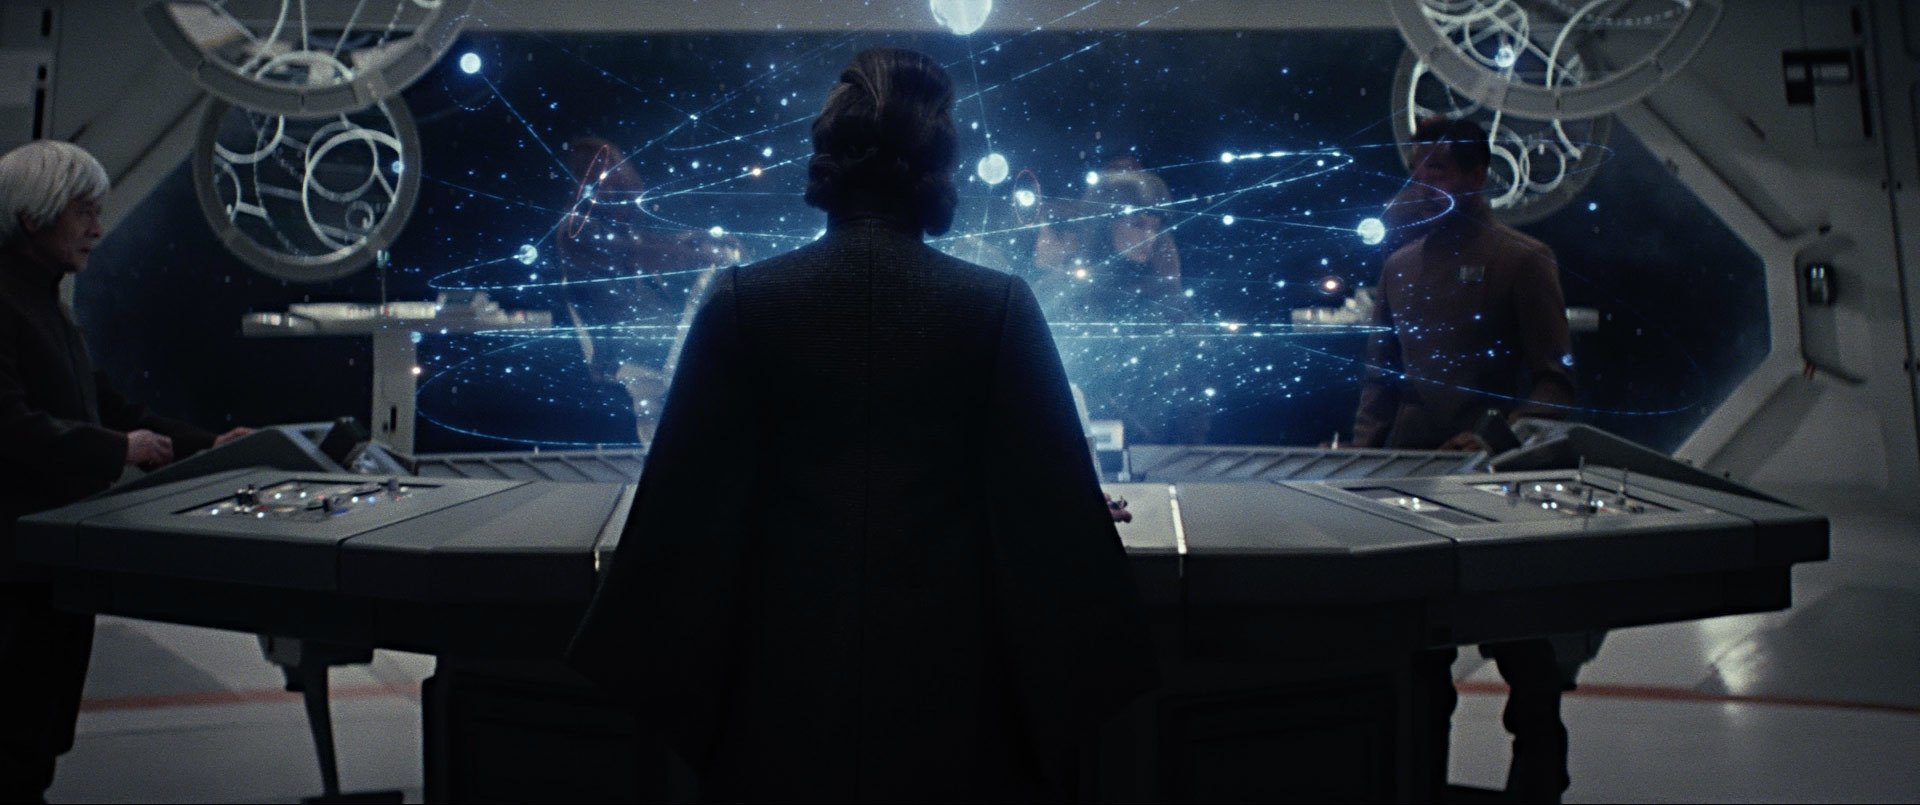 Photo du film Star Wars: Les Derniers Jedi avec la silhouette de Leia